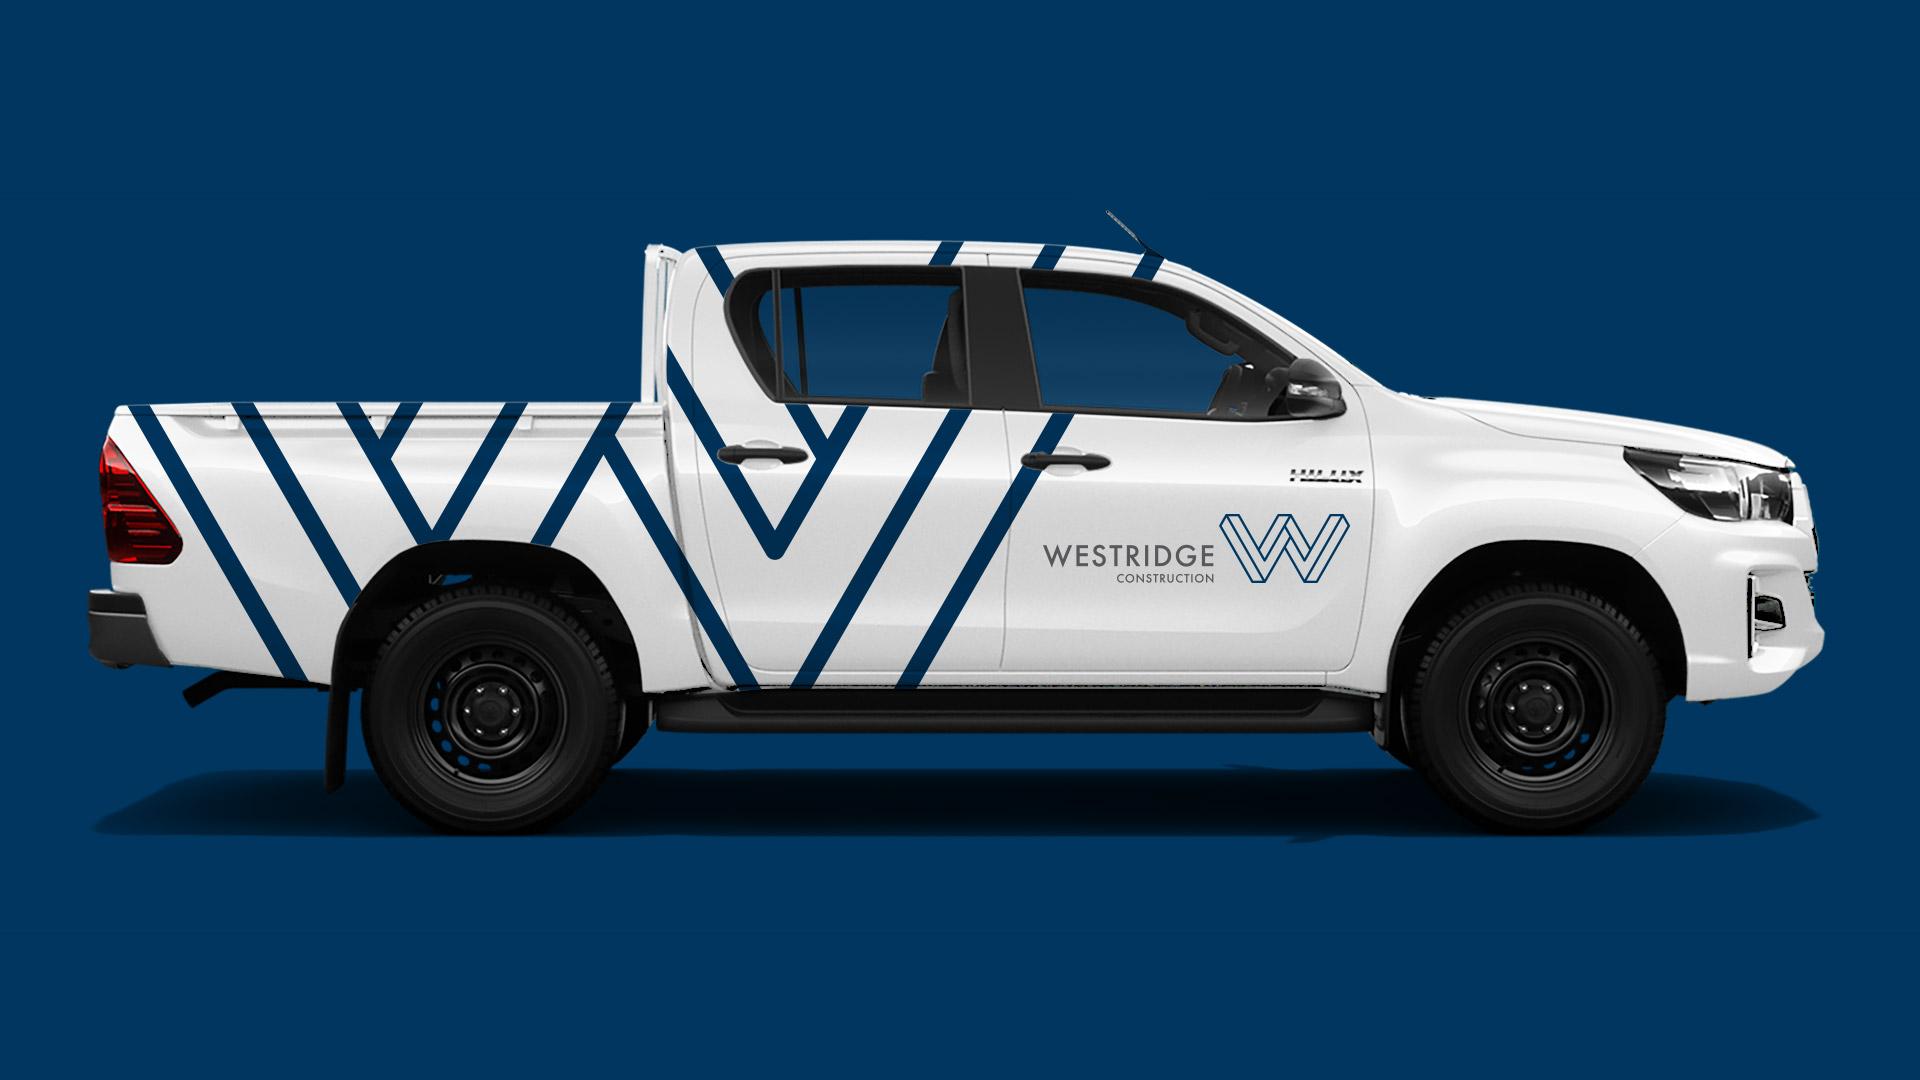 Westridge Image 1